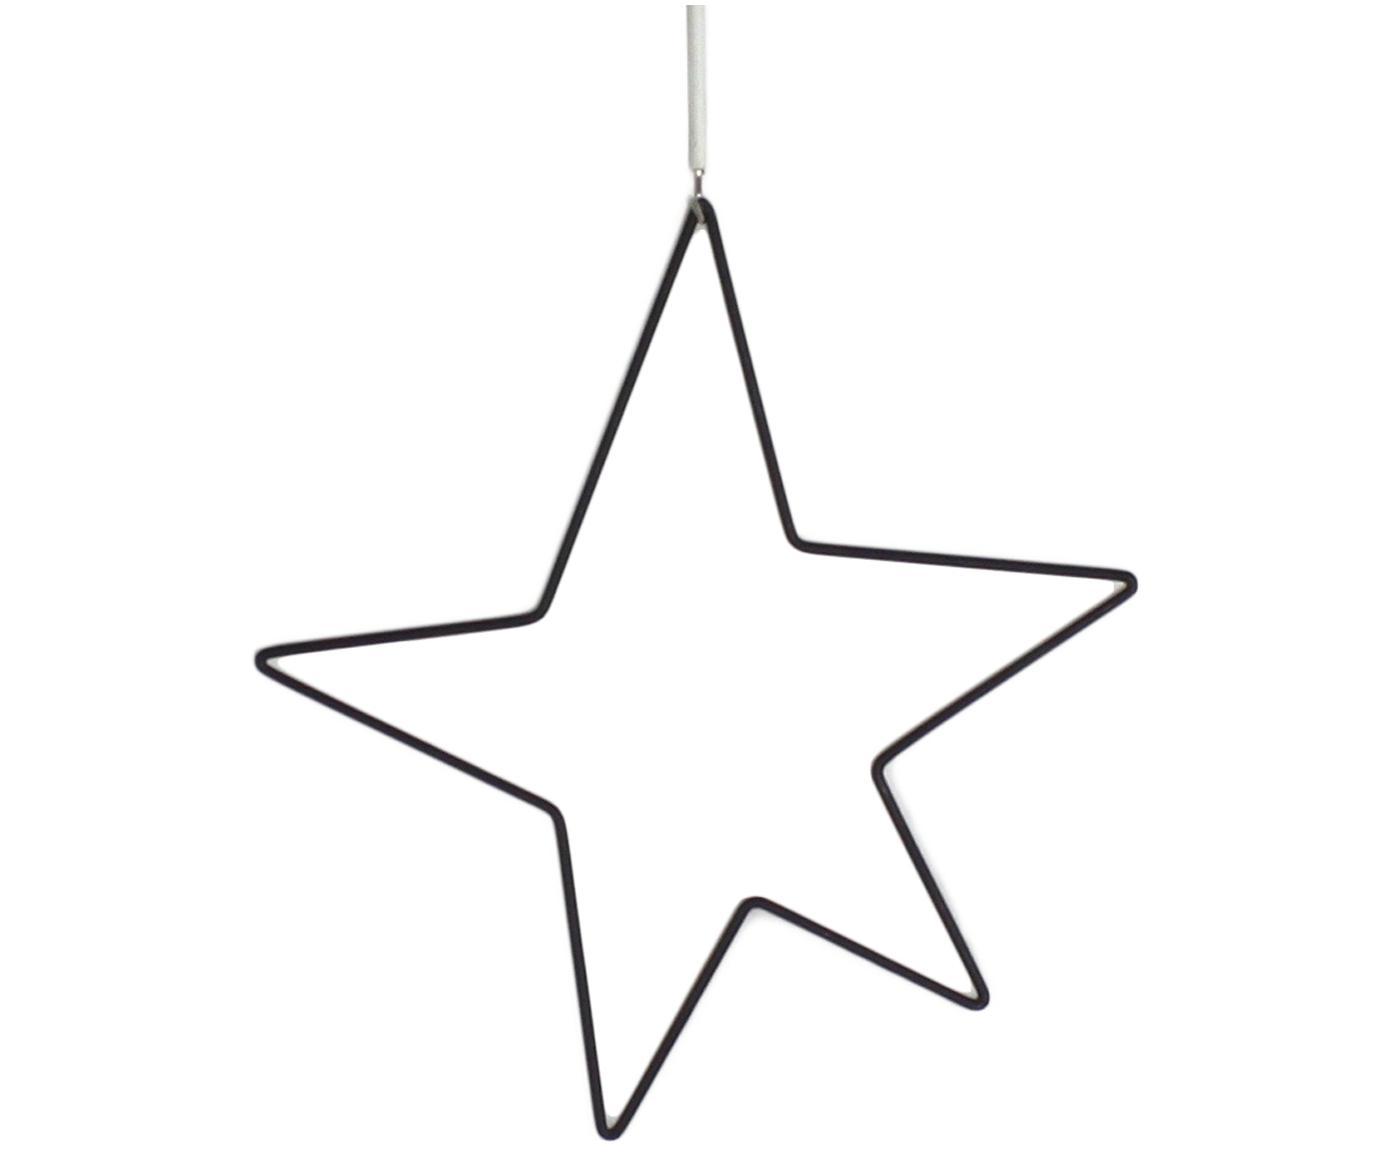 Dekoracja wisząca Kelia, Czarny, S 21 x W 23 cm